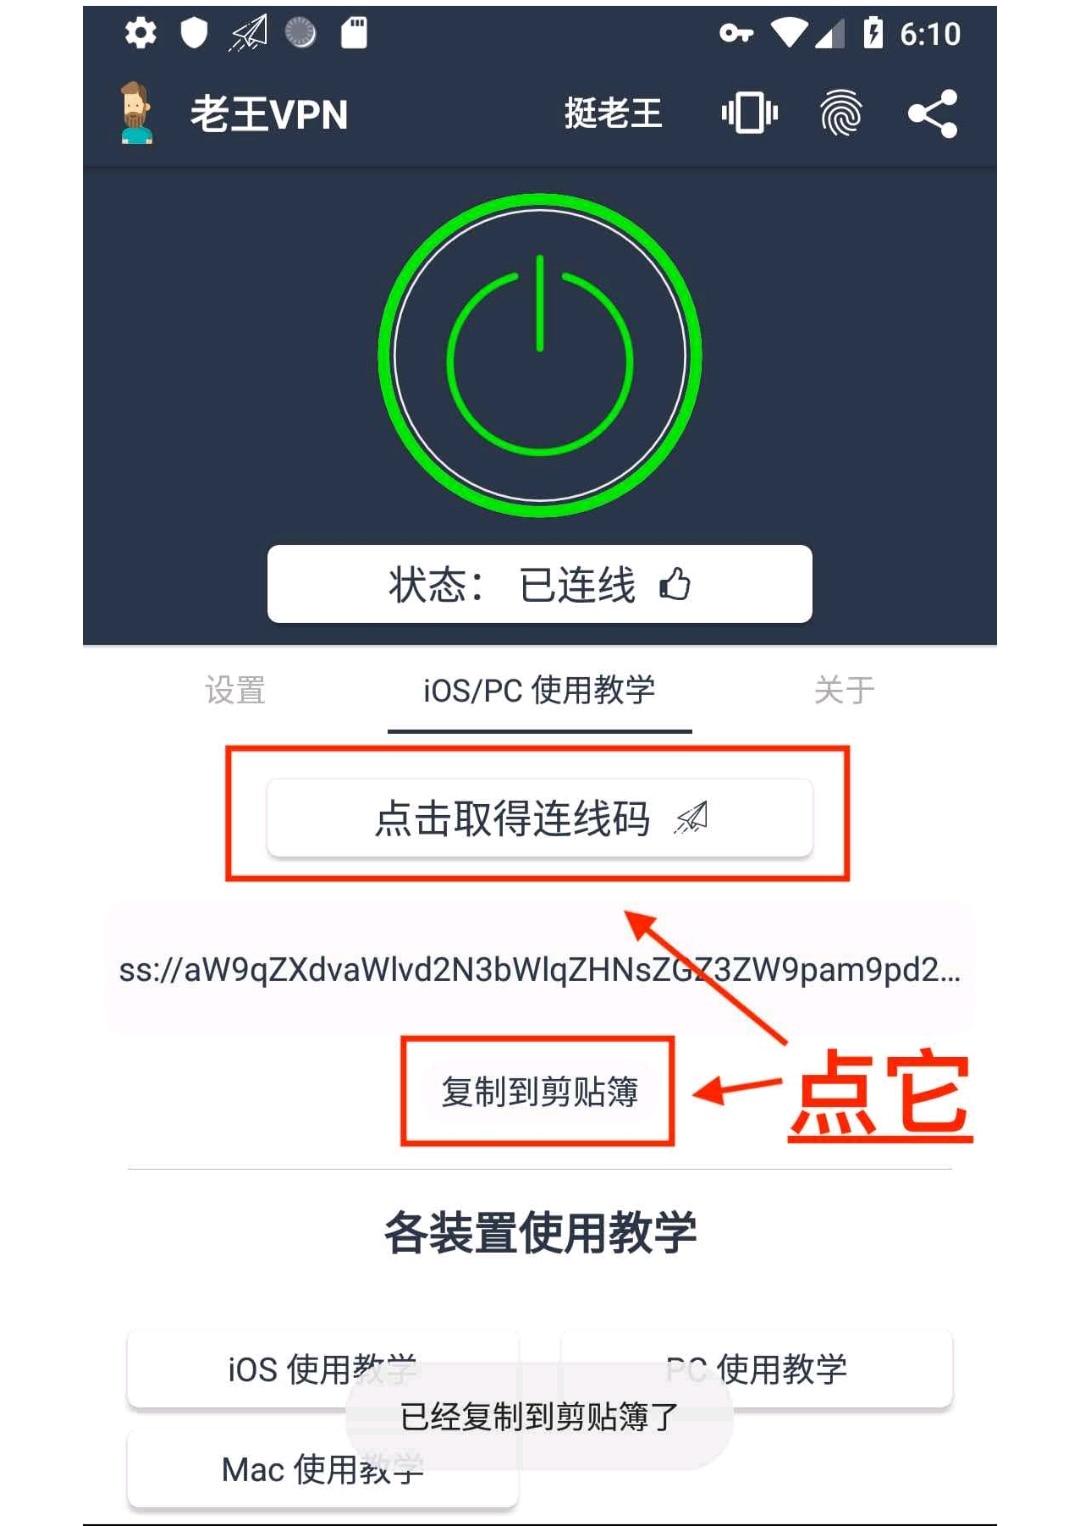 老王vpn电脑端使用教程